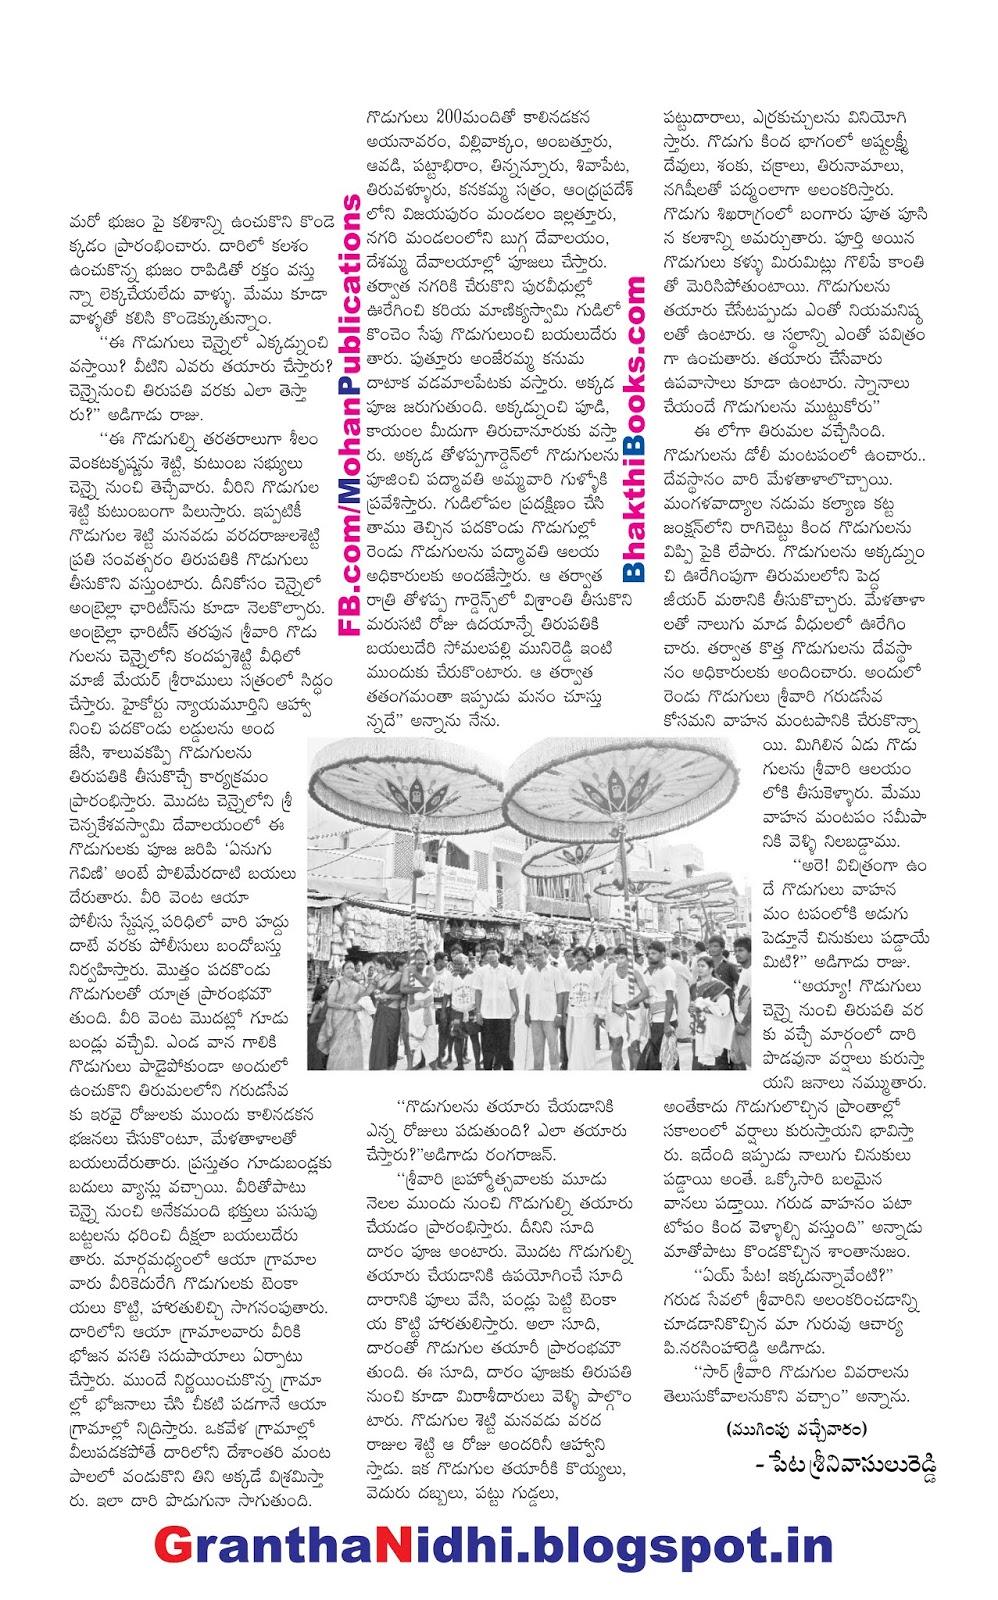 శ్రీవారి ఛత్రములు | Srivari Chatram | Mohanpublications | Granthanidhi | Bhakthipustakalu Srivari Brahmotsavam Brahmotsavamulu Brahmotsavam Lord Balaji Lord Venkateswara Lord Srinivasa TTD Tirumala Tirupati Tirumala Tirupati Devastanams Tirumala Hills Peddaseshavahanam Garudavahanam Vahanaseva TTD Seva online